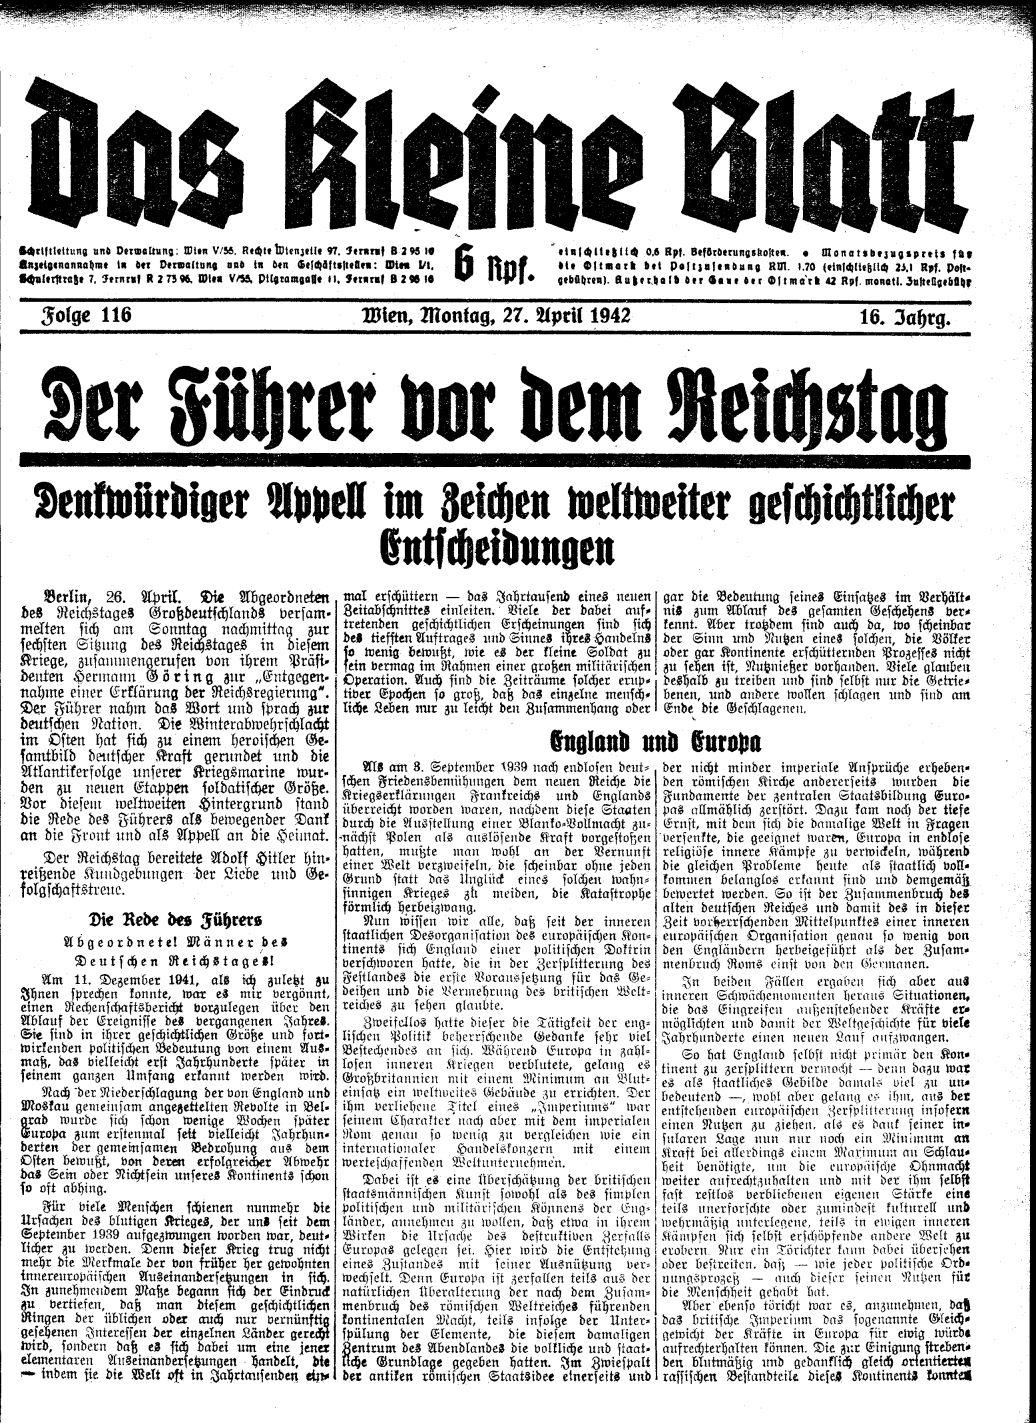 'Die Rede des Führers,' Das Kleine Blatt, 16/116 (27.051942), S. 1